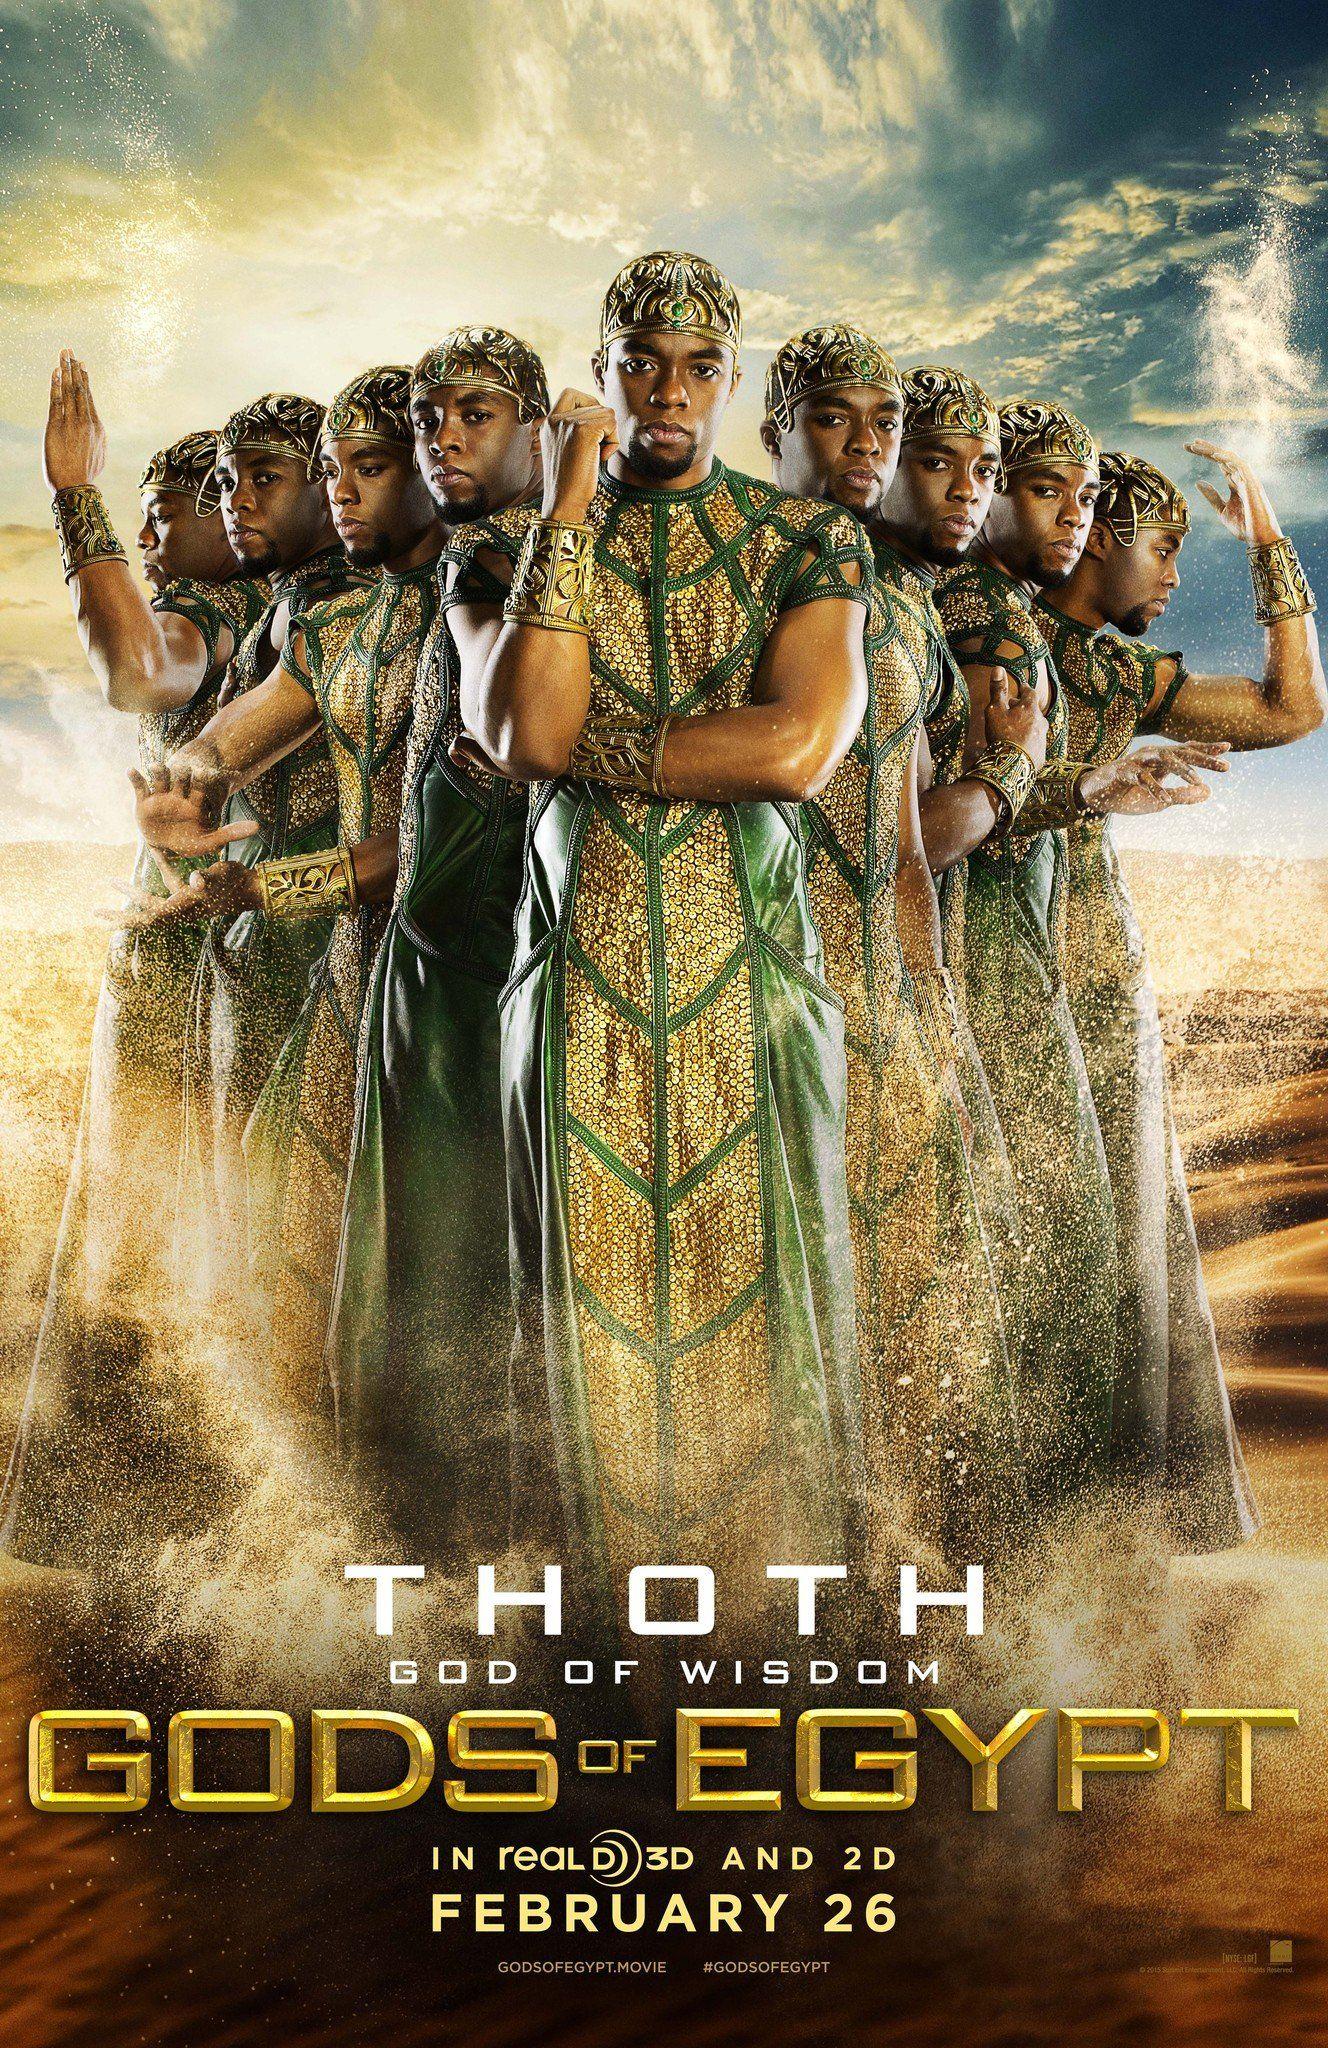 Gods Of Egypt 2016 Gods Of Egypt Movie Gods Of Egypt Egypt Poster